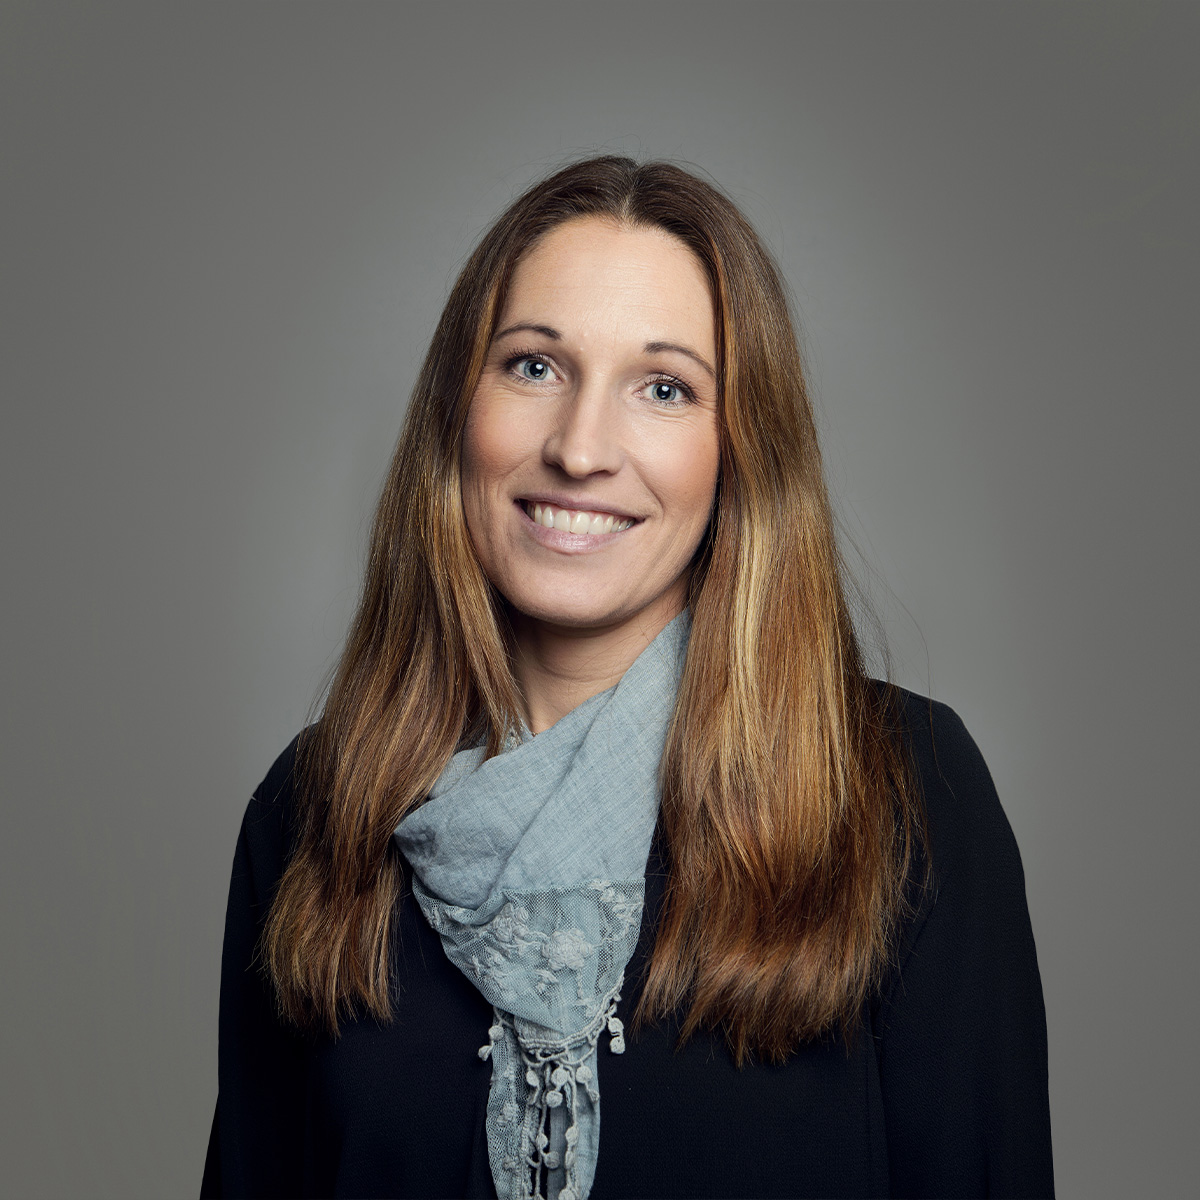 Annelie Bäckström